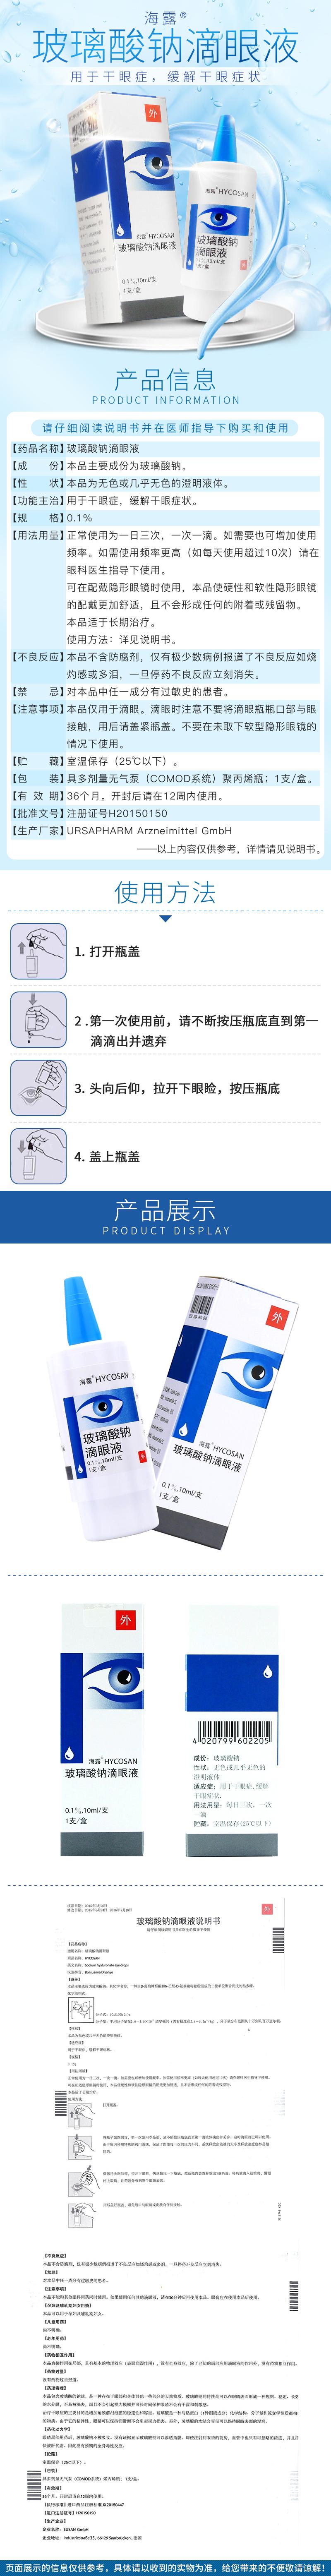 海露 玻璃酸钠滴眼液(HYCOSAN) 0.1% 10ml 德国原装进口 人工泪液 隐形眼镜 眼药水 治疗干眼症/眼干涩